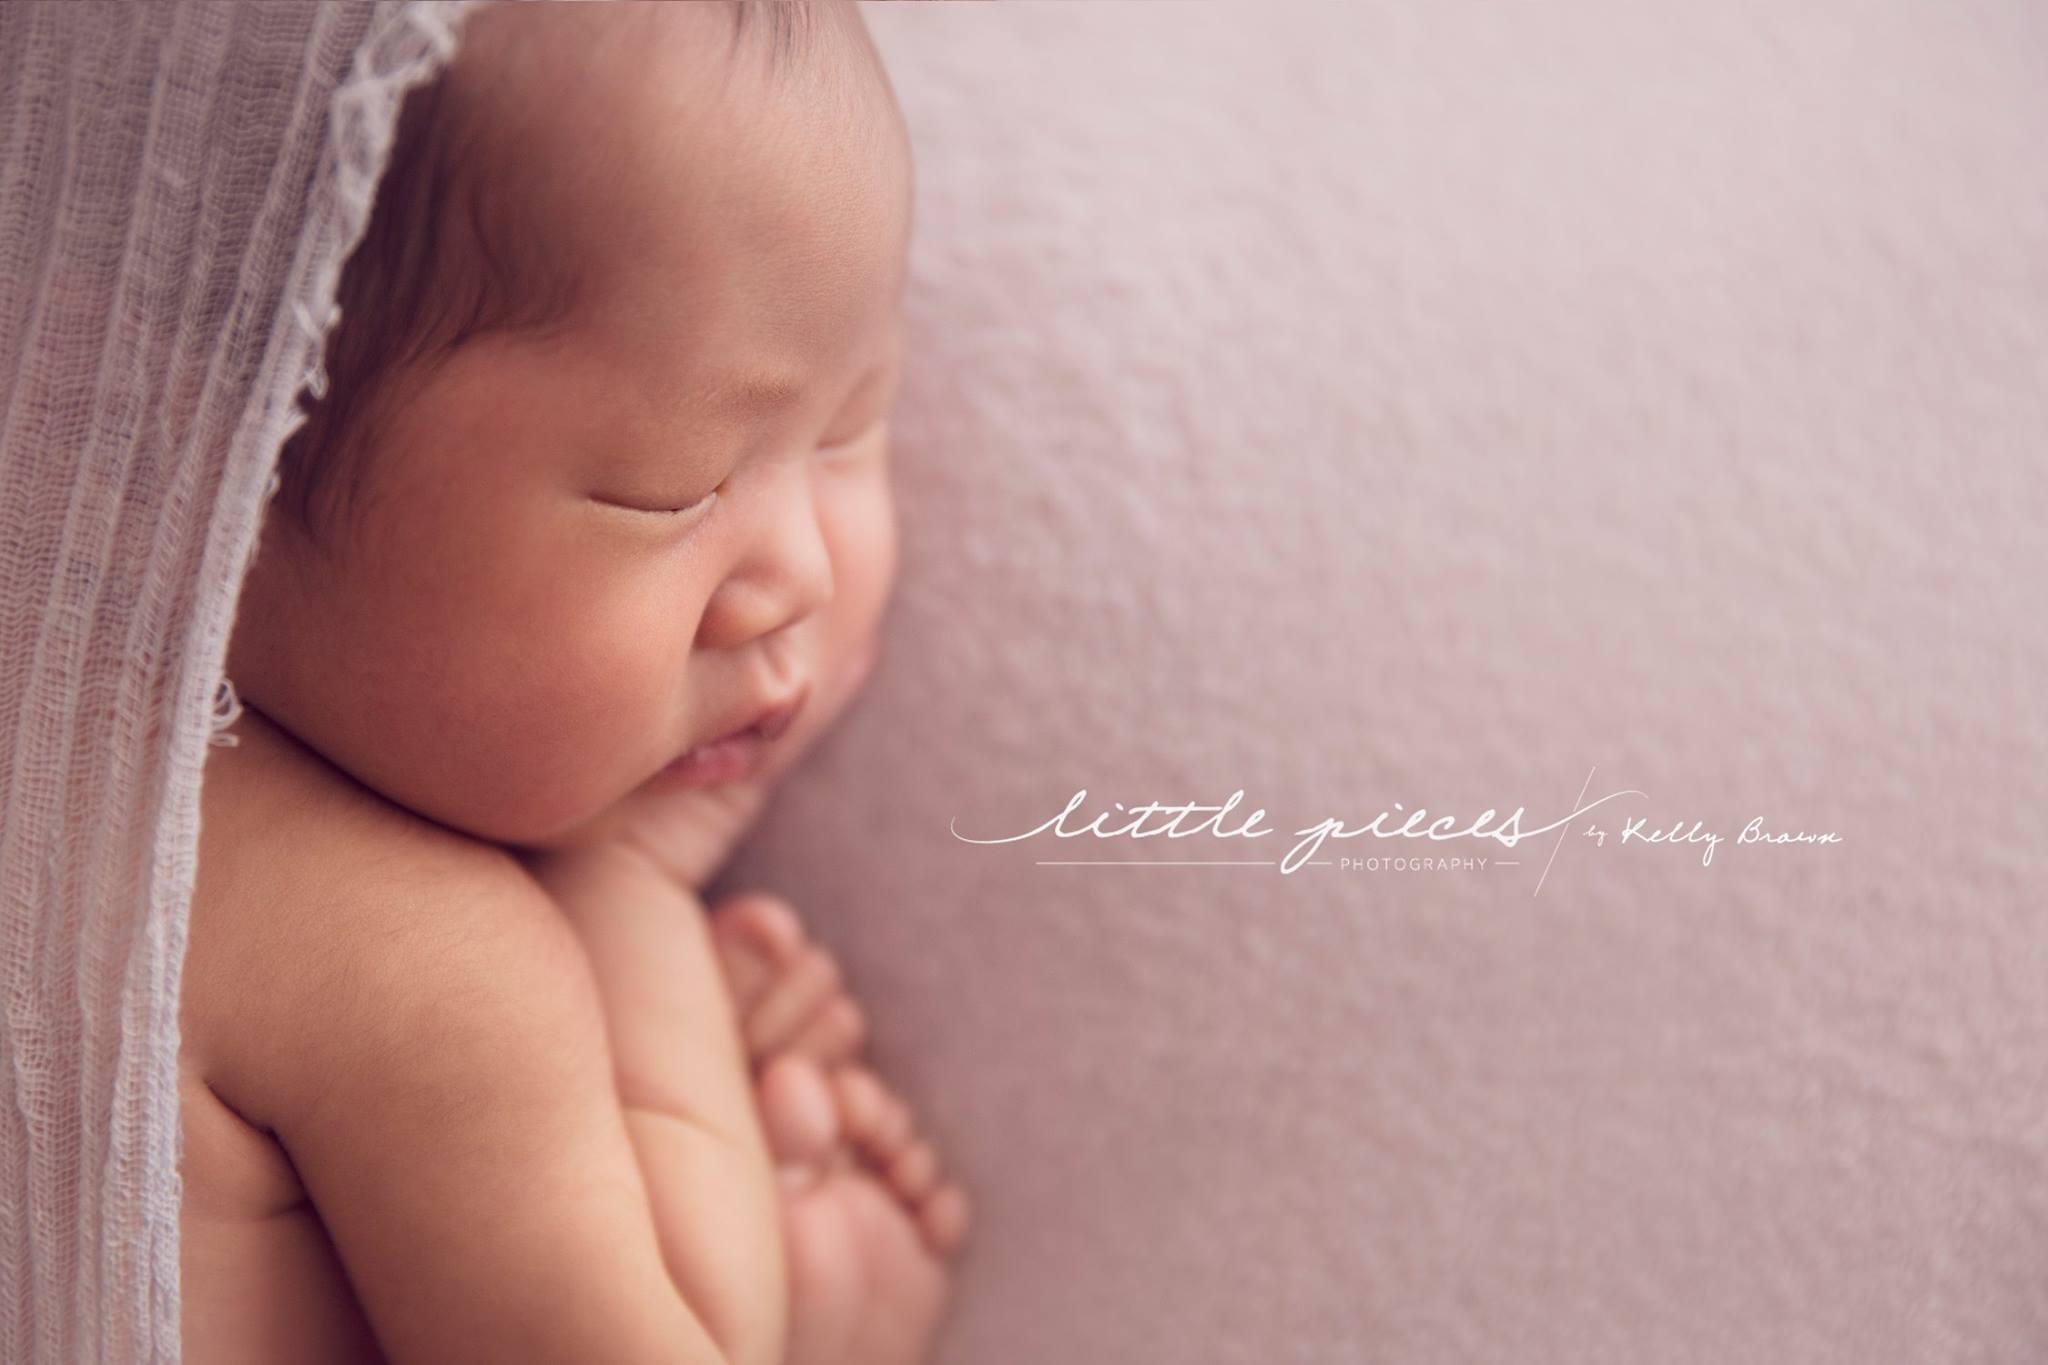 Preferenza Lettera per una figlia che deve nascere IV23